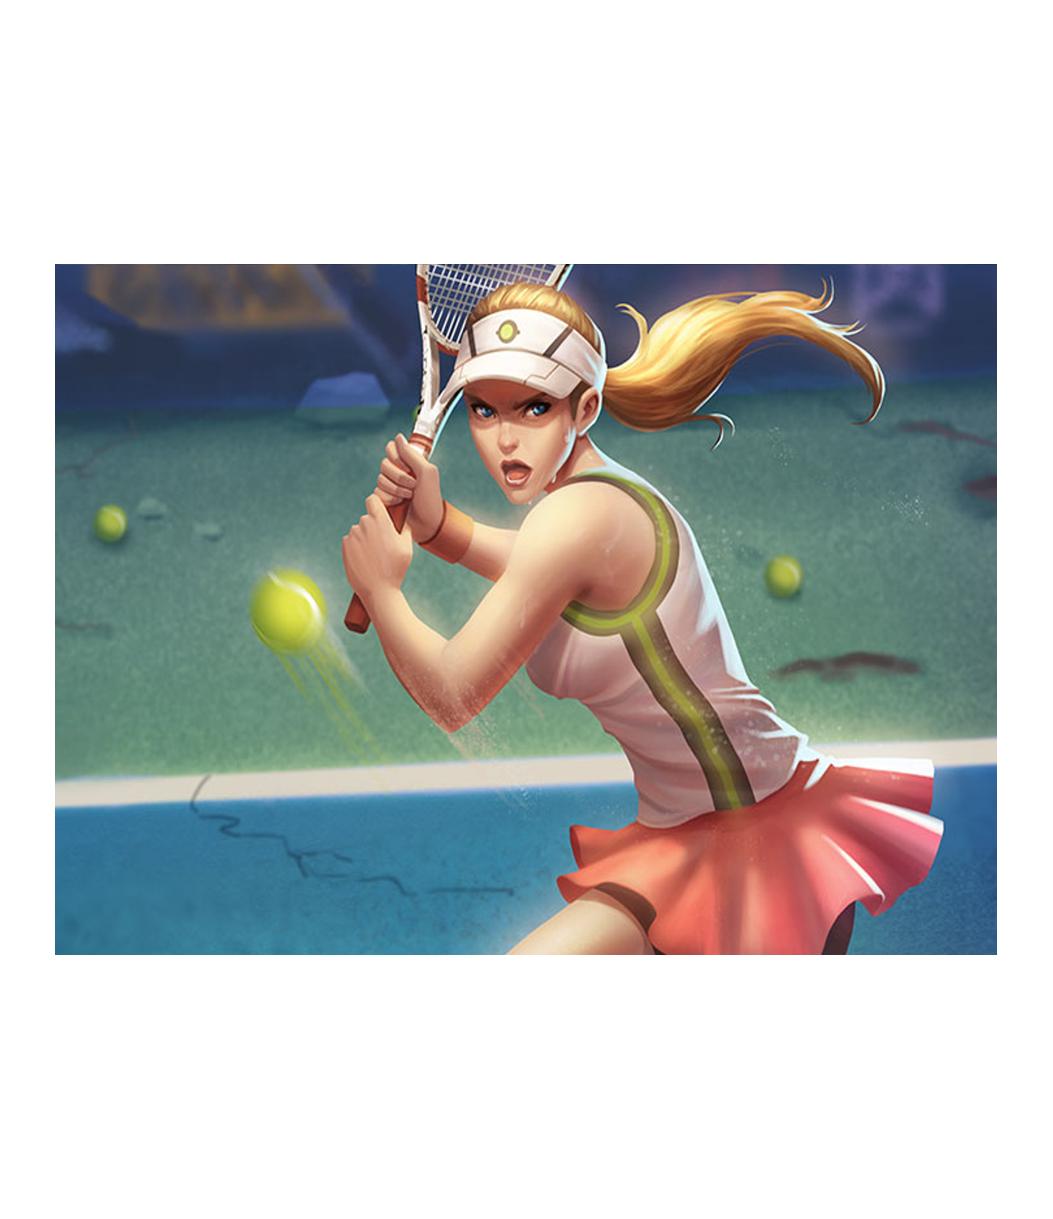 Tennis Player - Kerri Kane